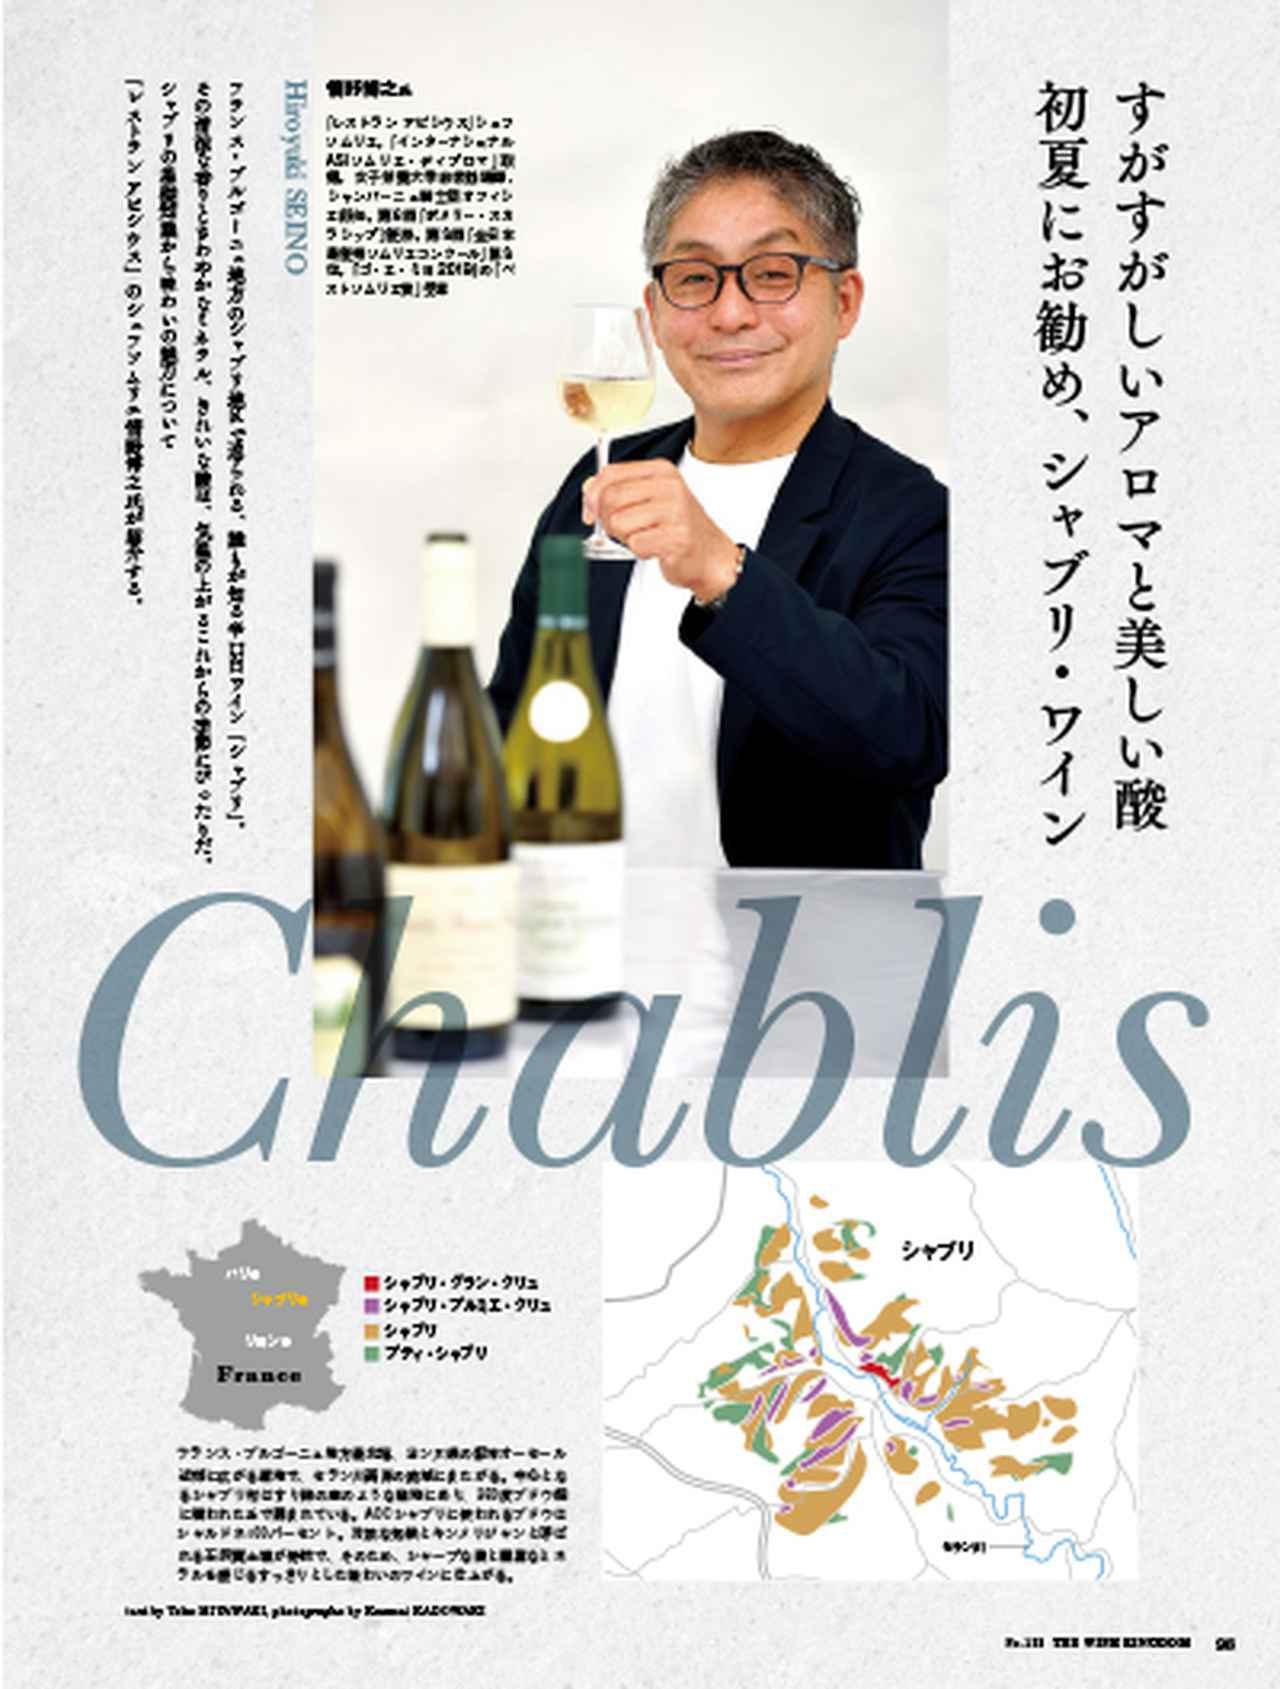 画像4: 6/5発売『ワイン王国 123号』日本ワイン特集!ブラインド・テイスティングで決定 本当に美味しい63本